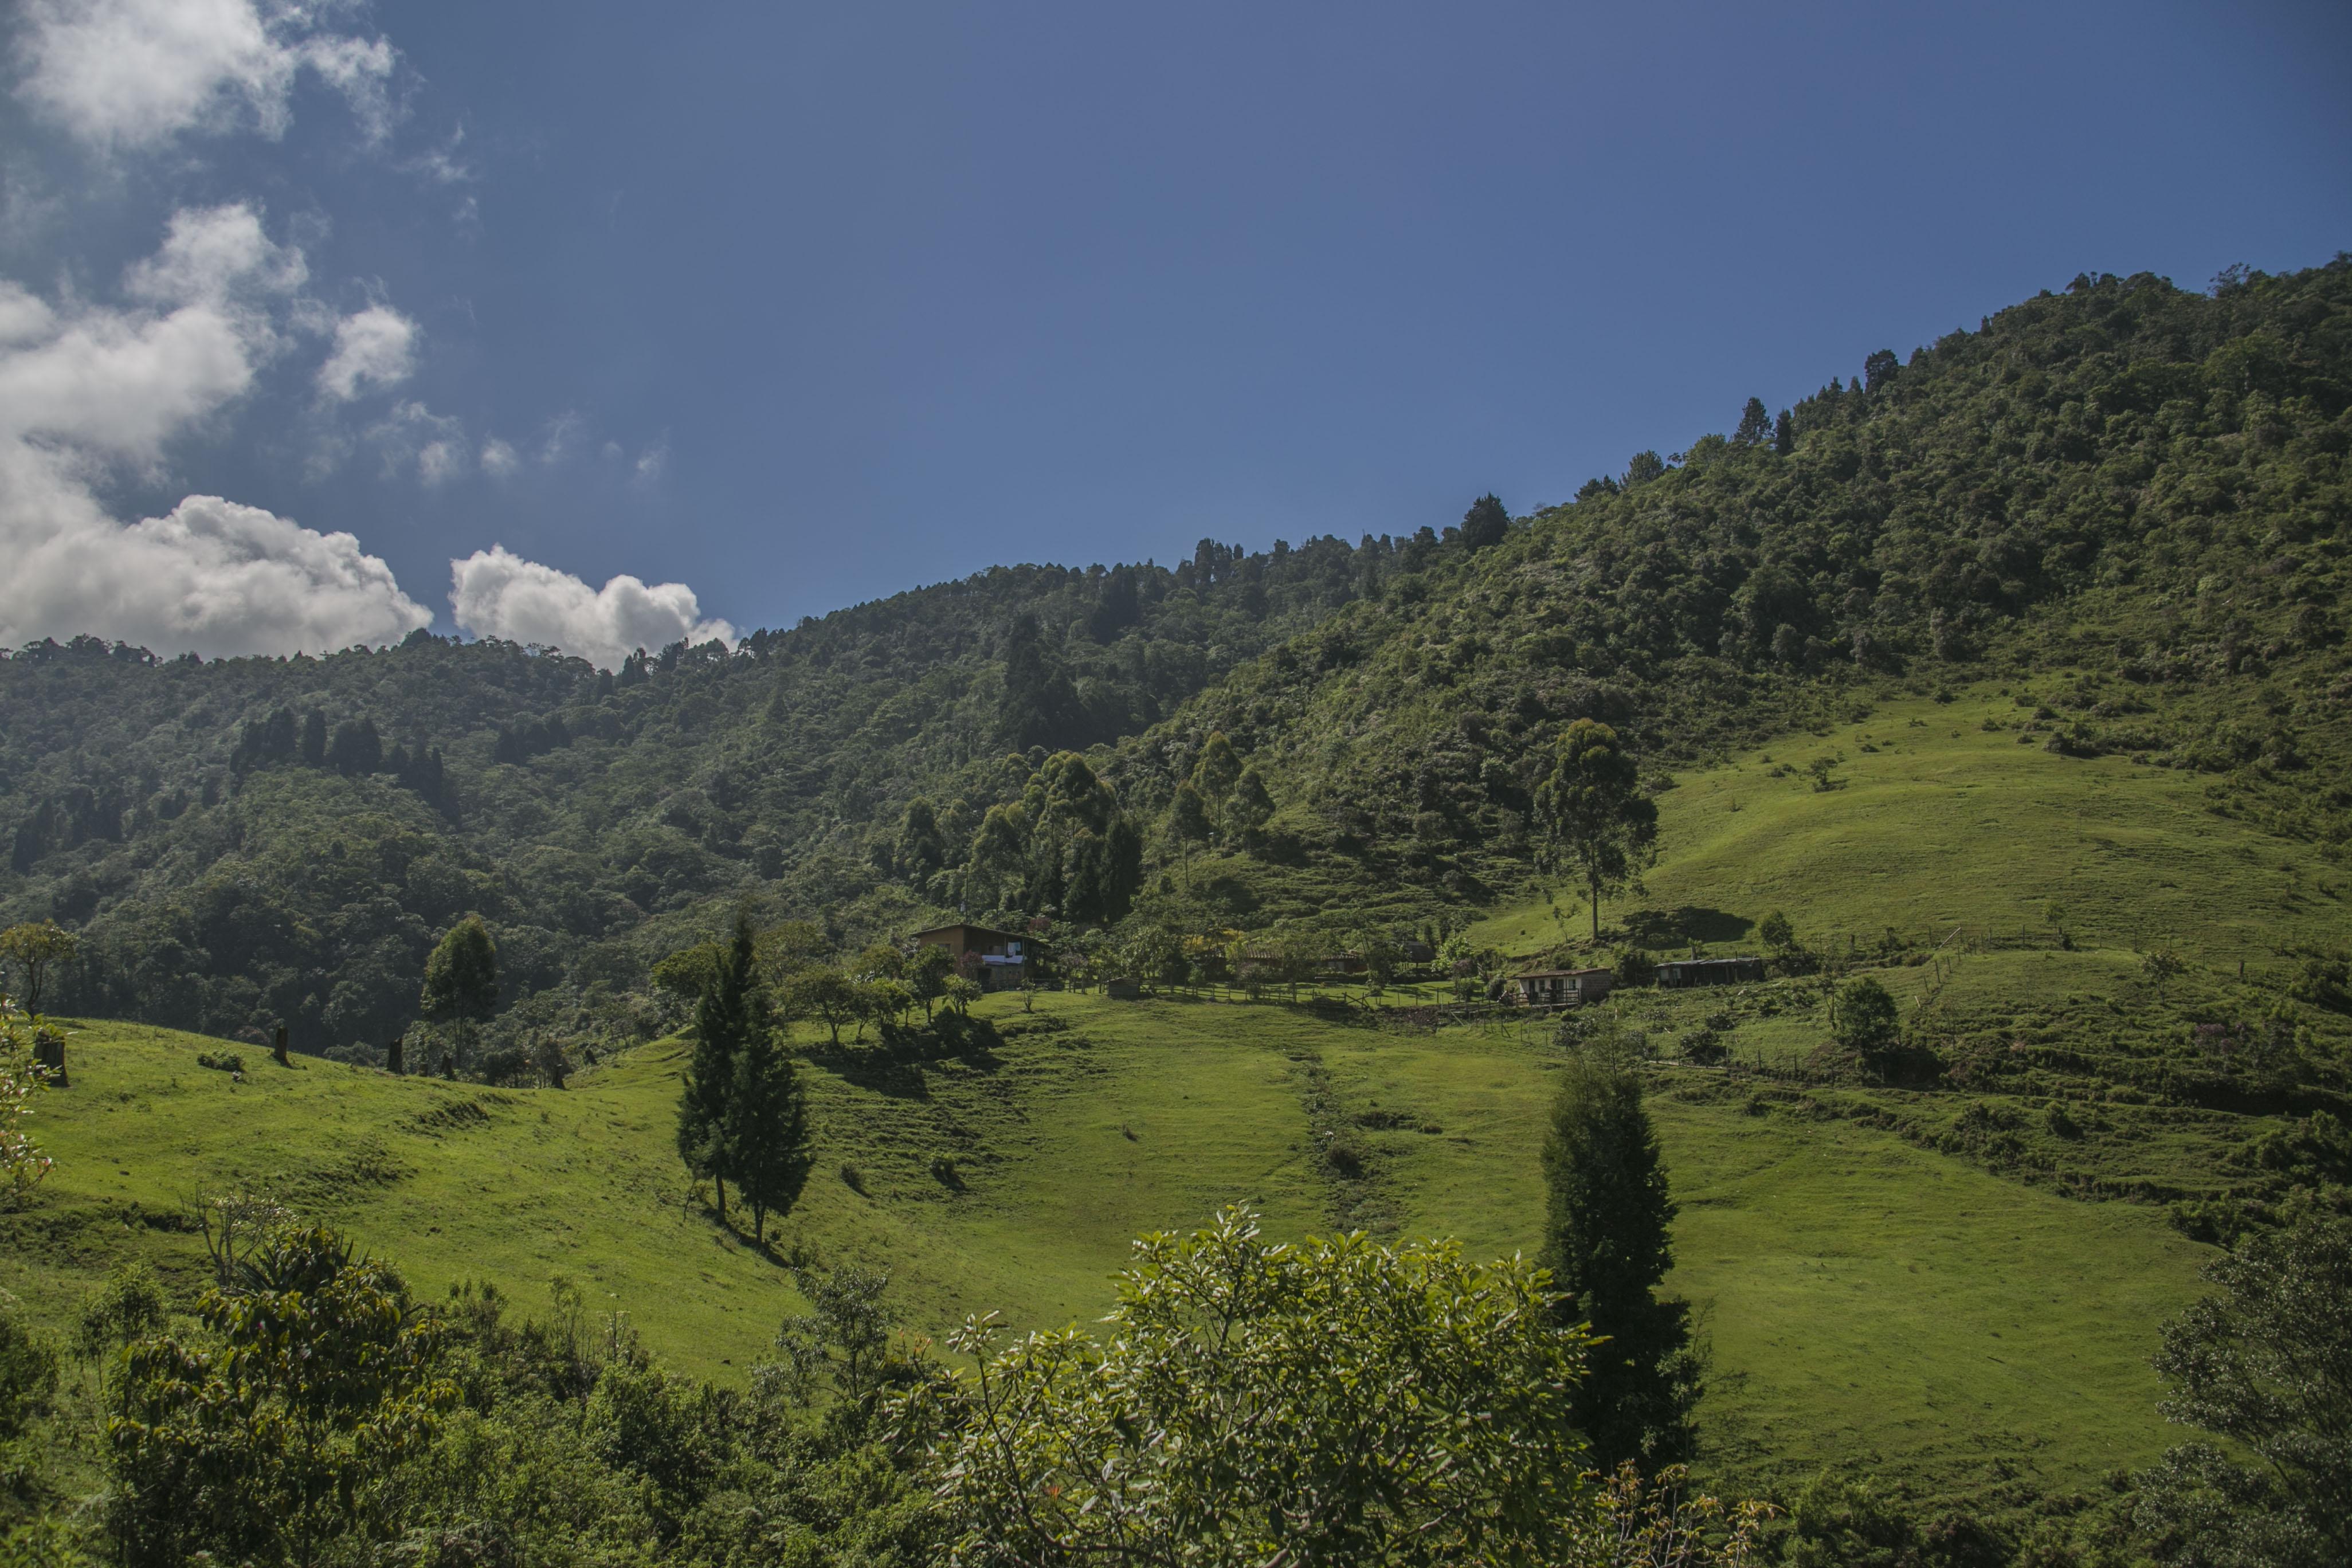 376 mil nuevos metros cuadrados para zonas de protección en Sabaneta (Colombia)